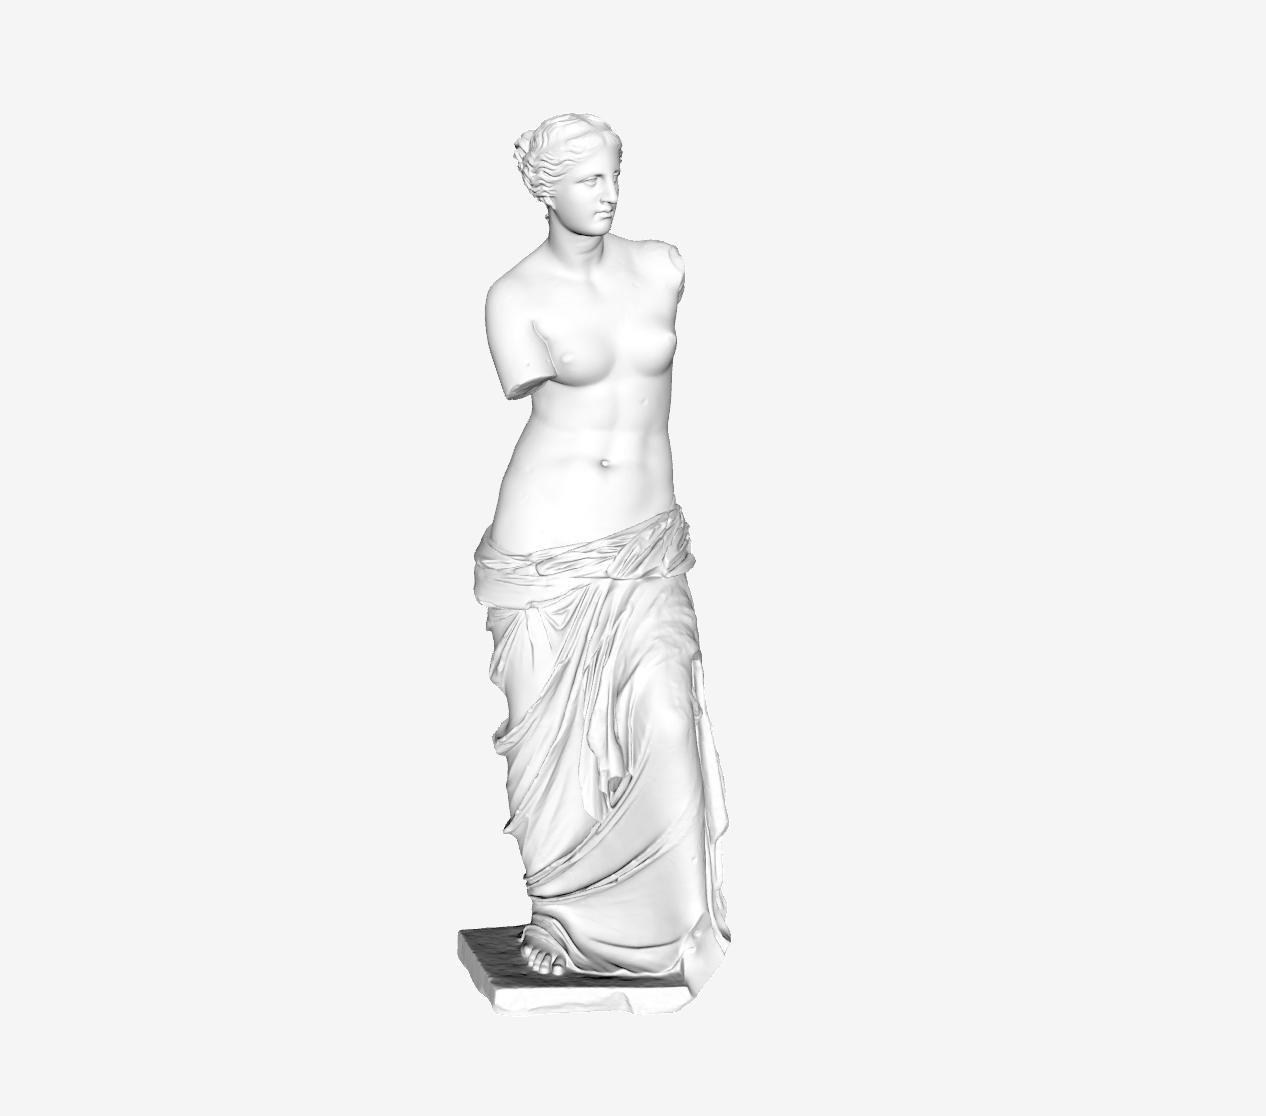 Capture d'écran 2018-09-21 à 09.50.03.png Download free STL file Venus de Milo at The Louvre, Paris • 3D printing object, Louvre